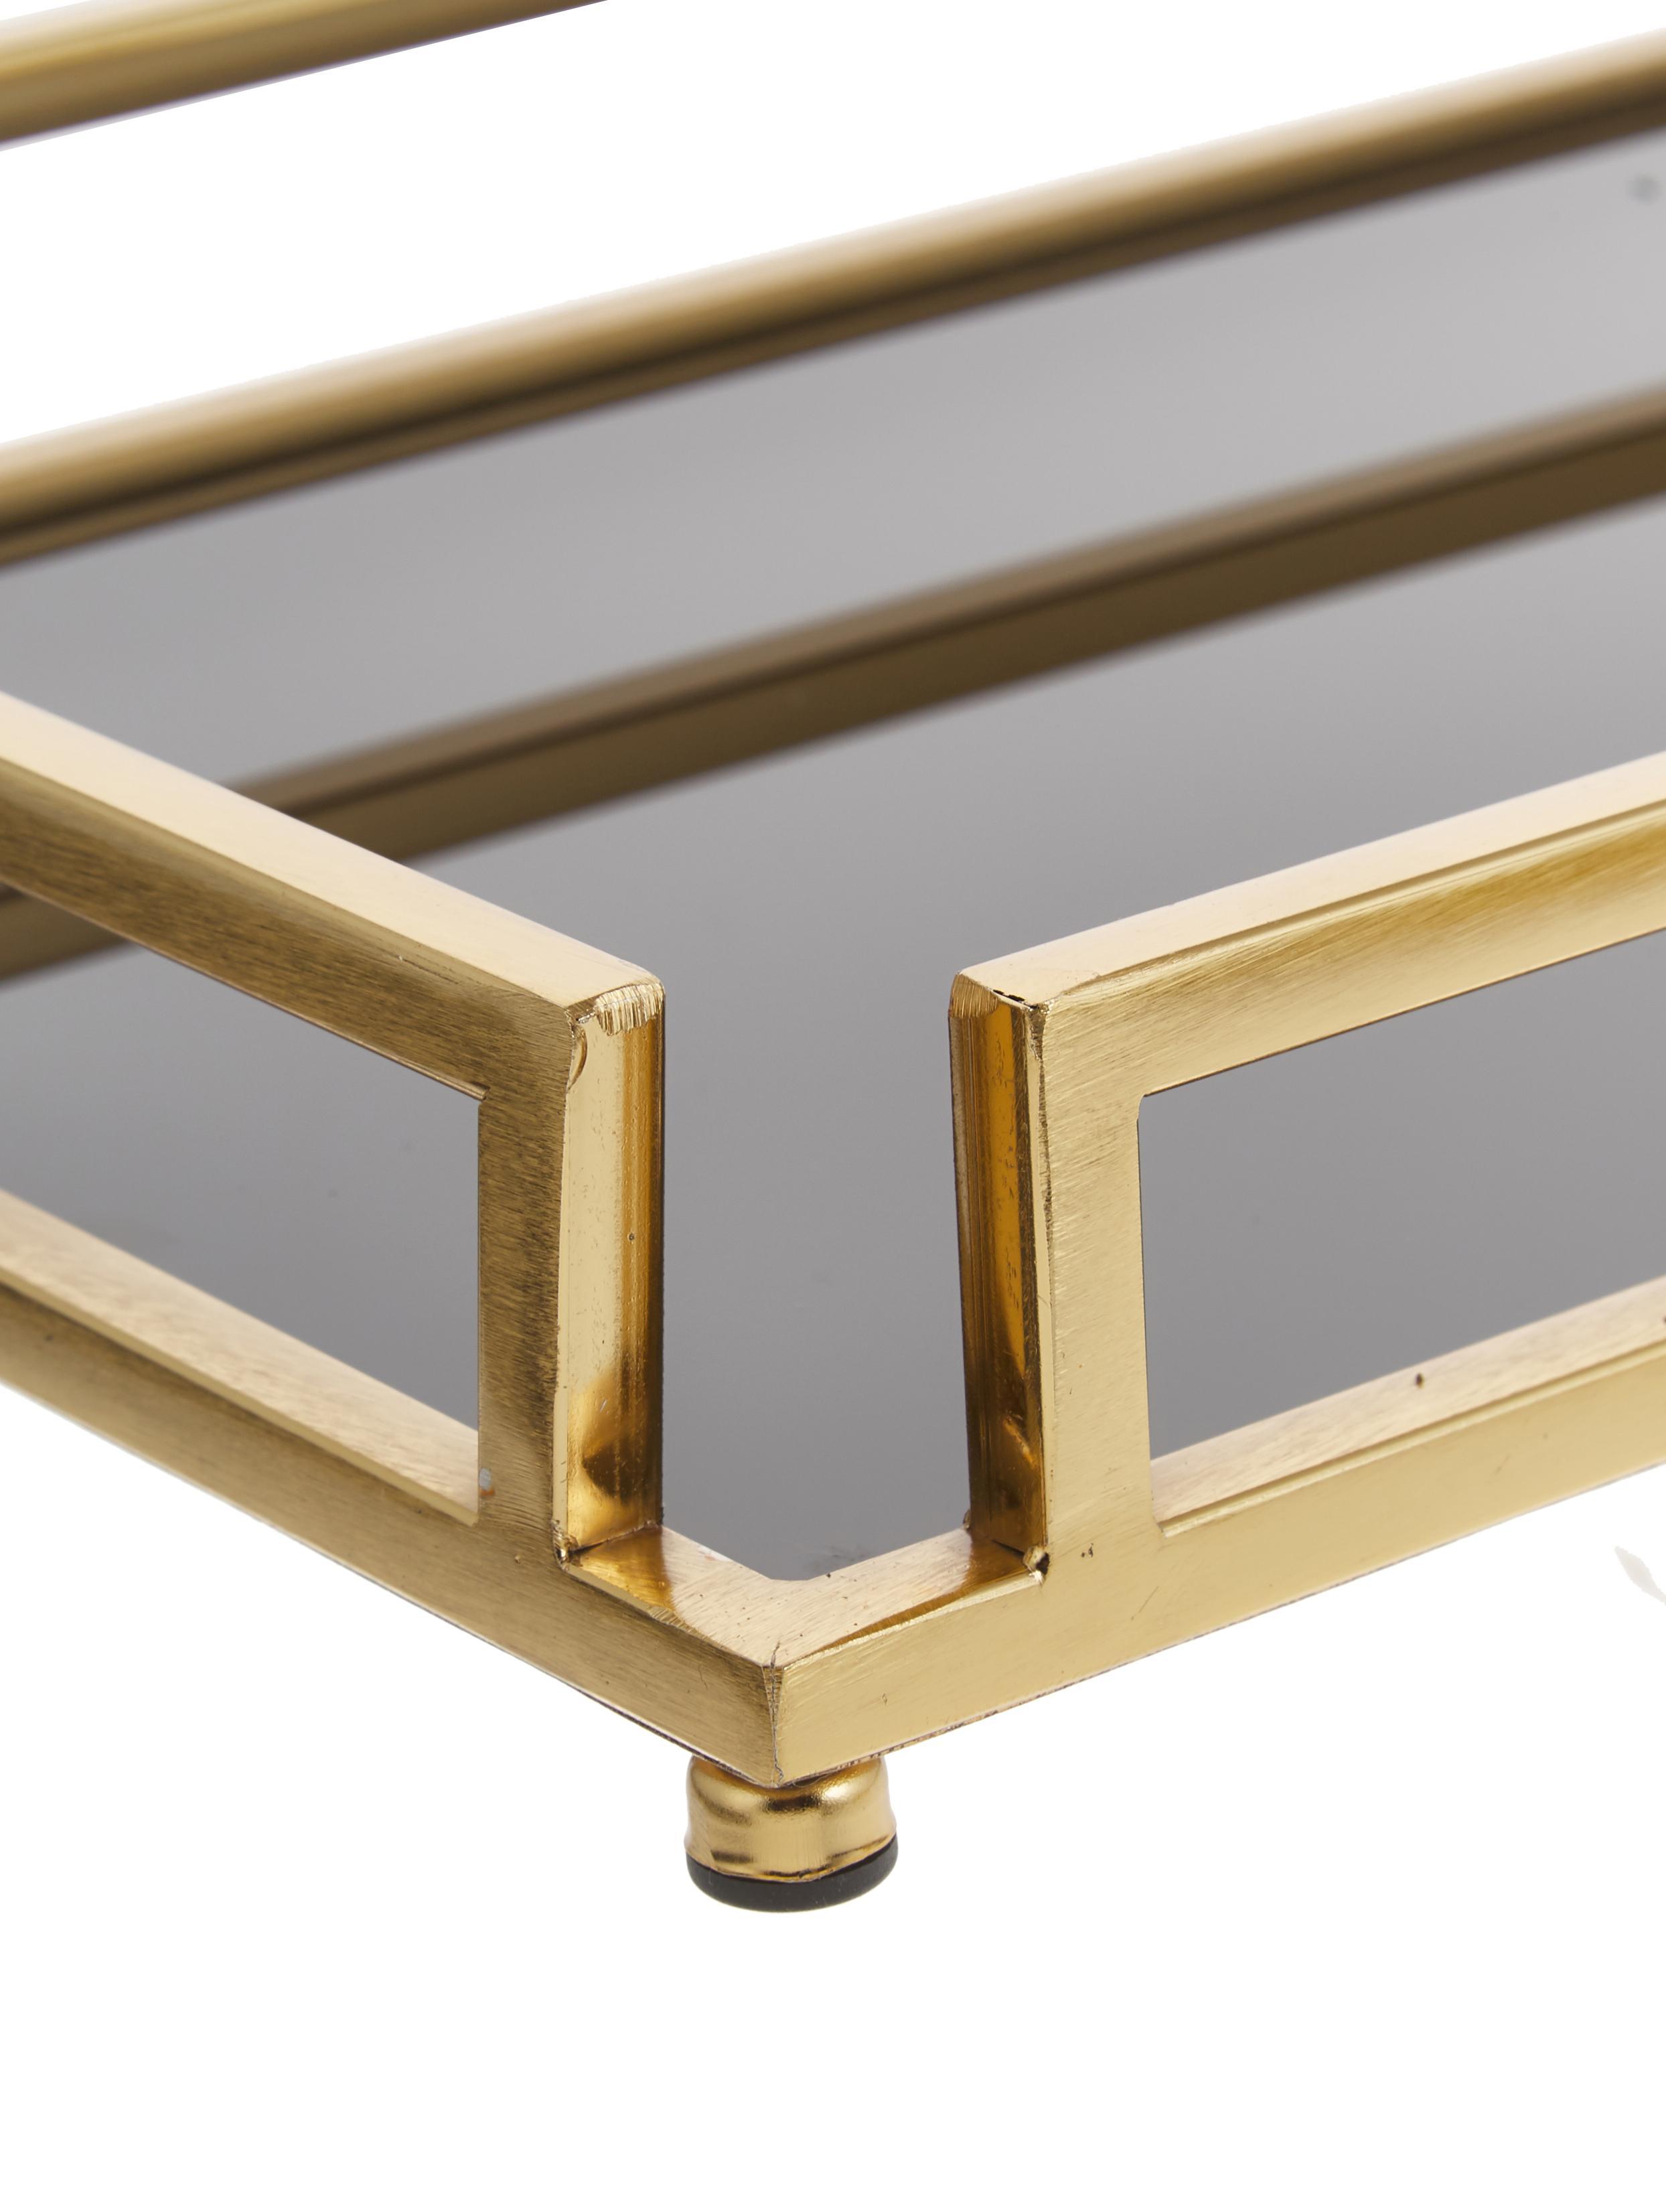 Deko-Tablett Traika in Gold mit schwarzer Ablagefläche, Rahmen: Metall, beschichtet, Ablagefläche: Glas, Messingfarben, Schwarz, 50 x 6 cm